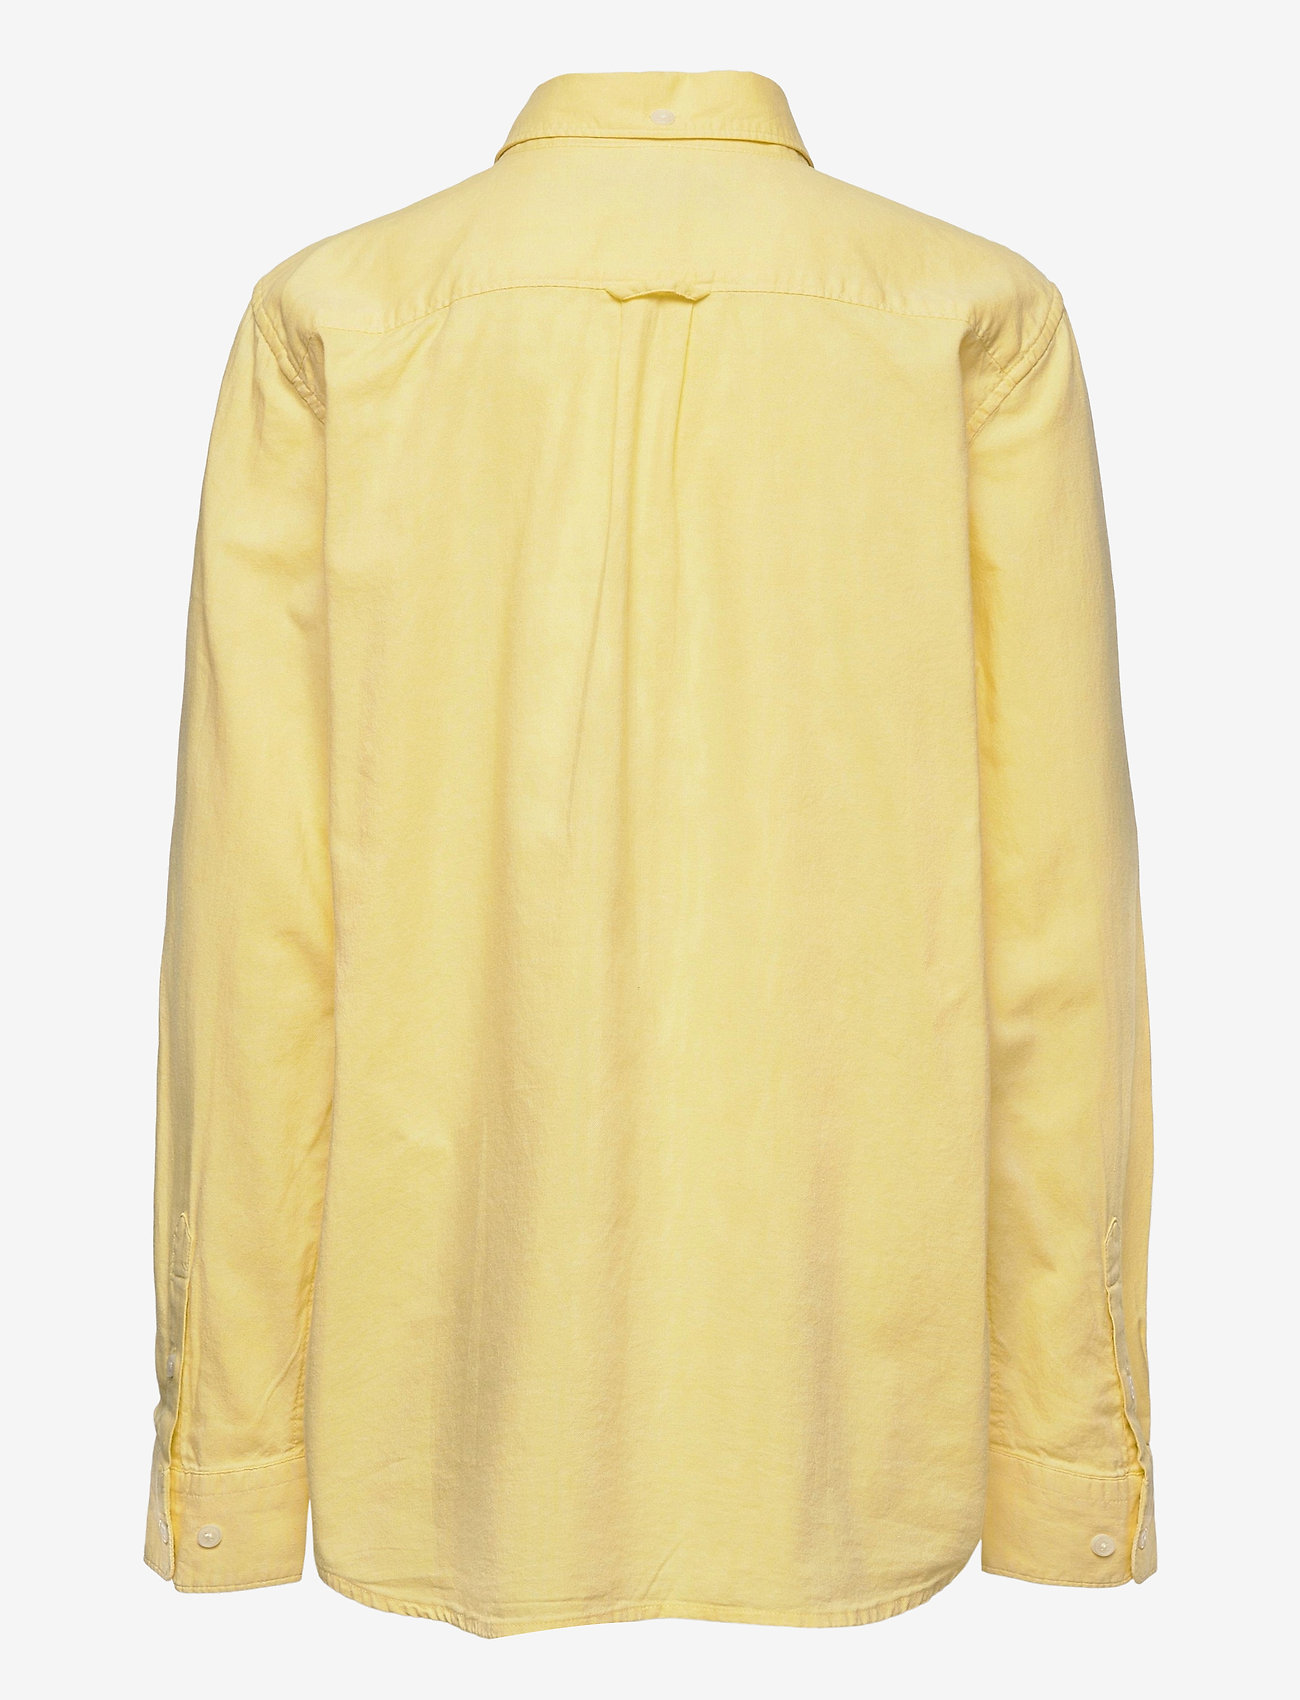 GANT - ARCHIVE OXFORD B.D SHIRT - shirts - lemon - 1